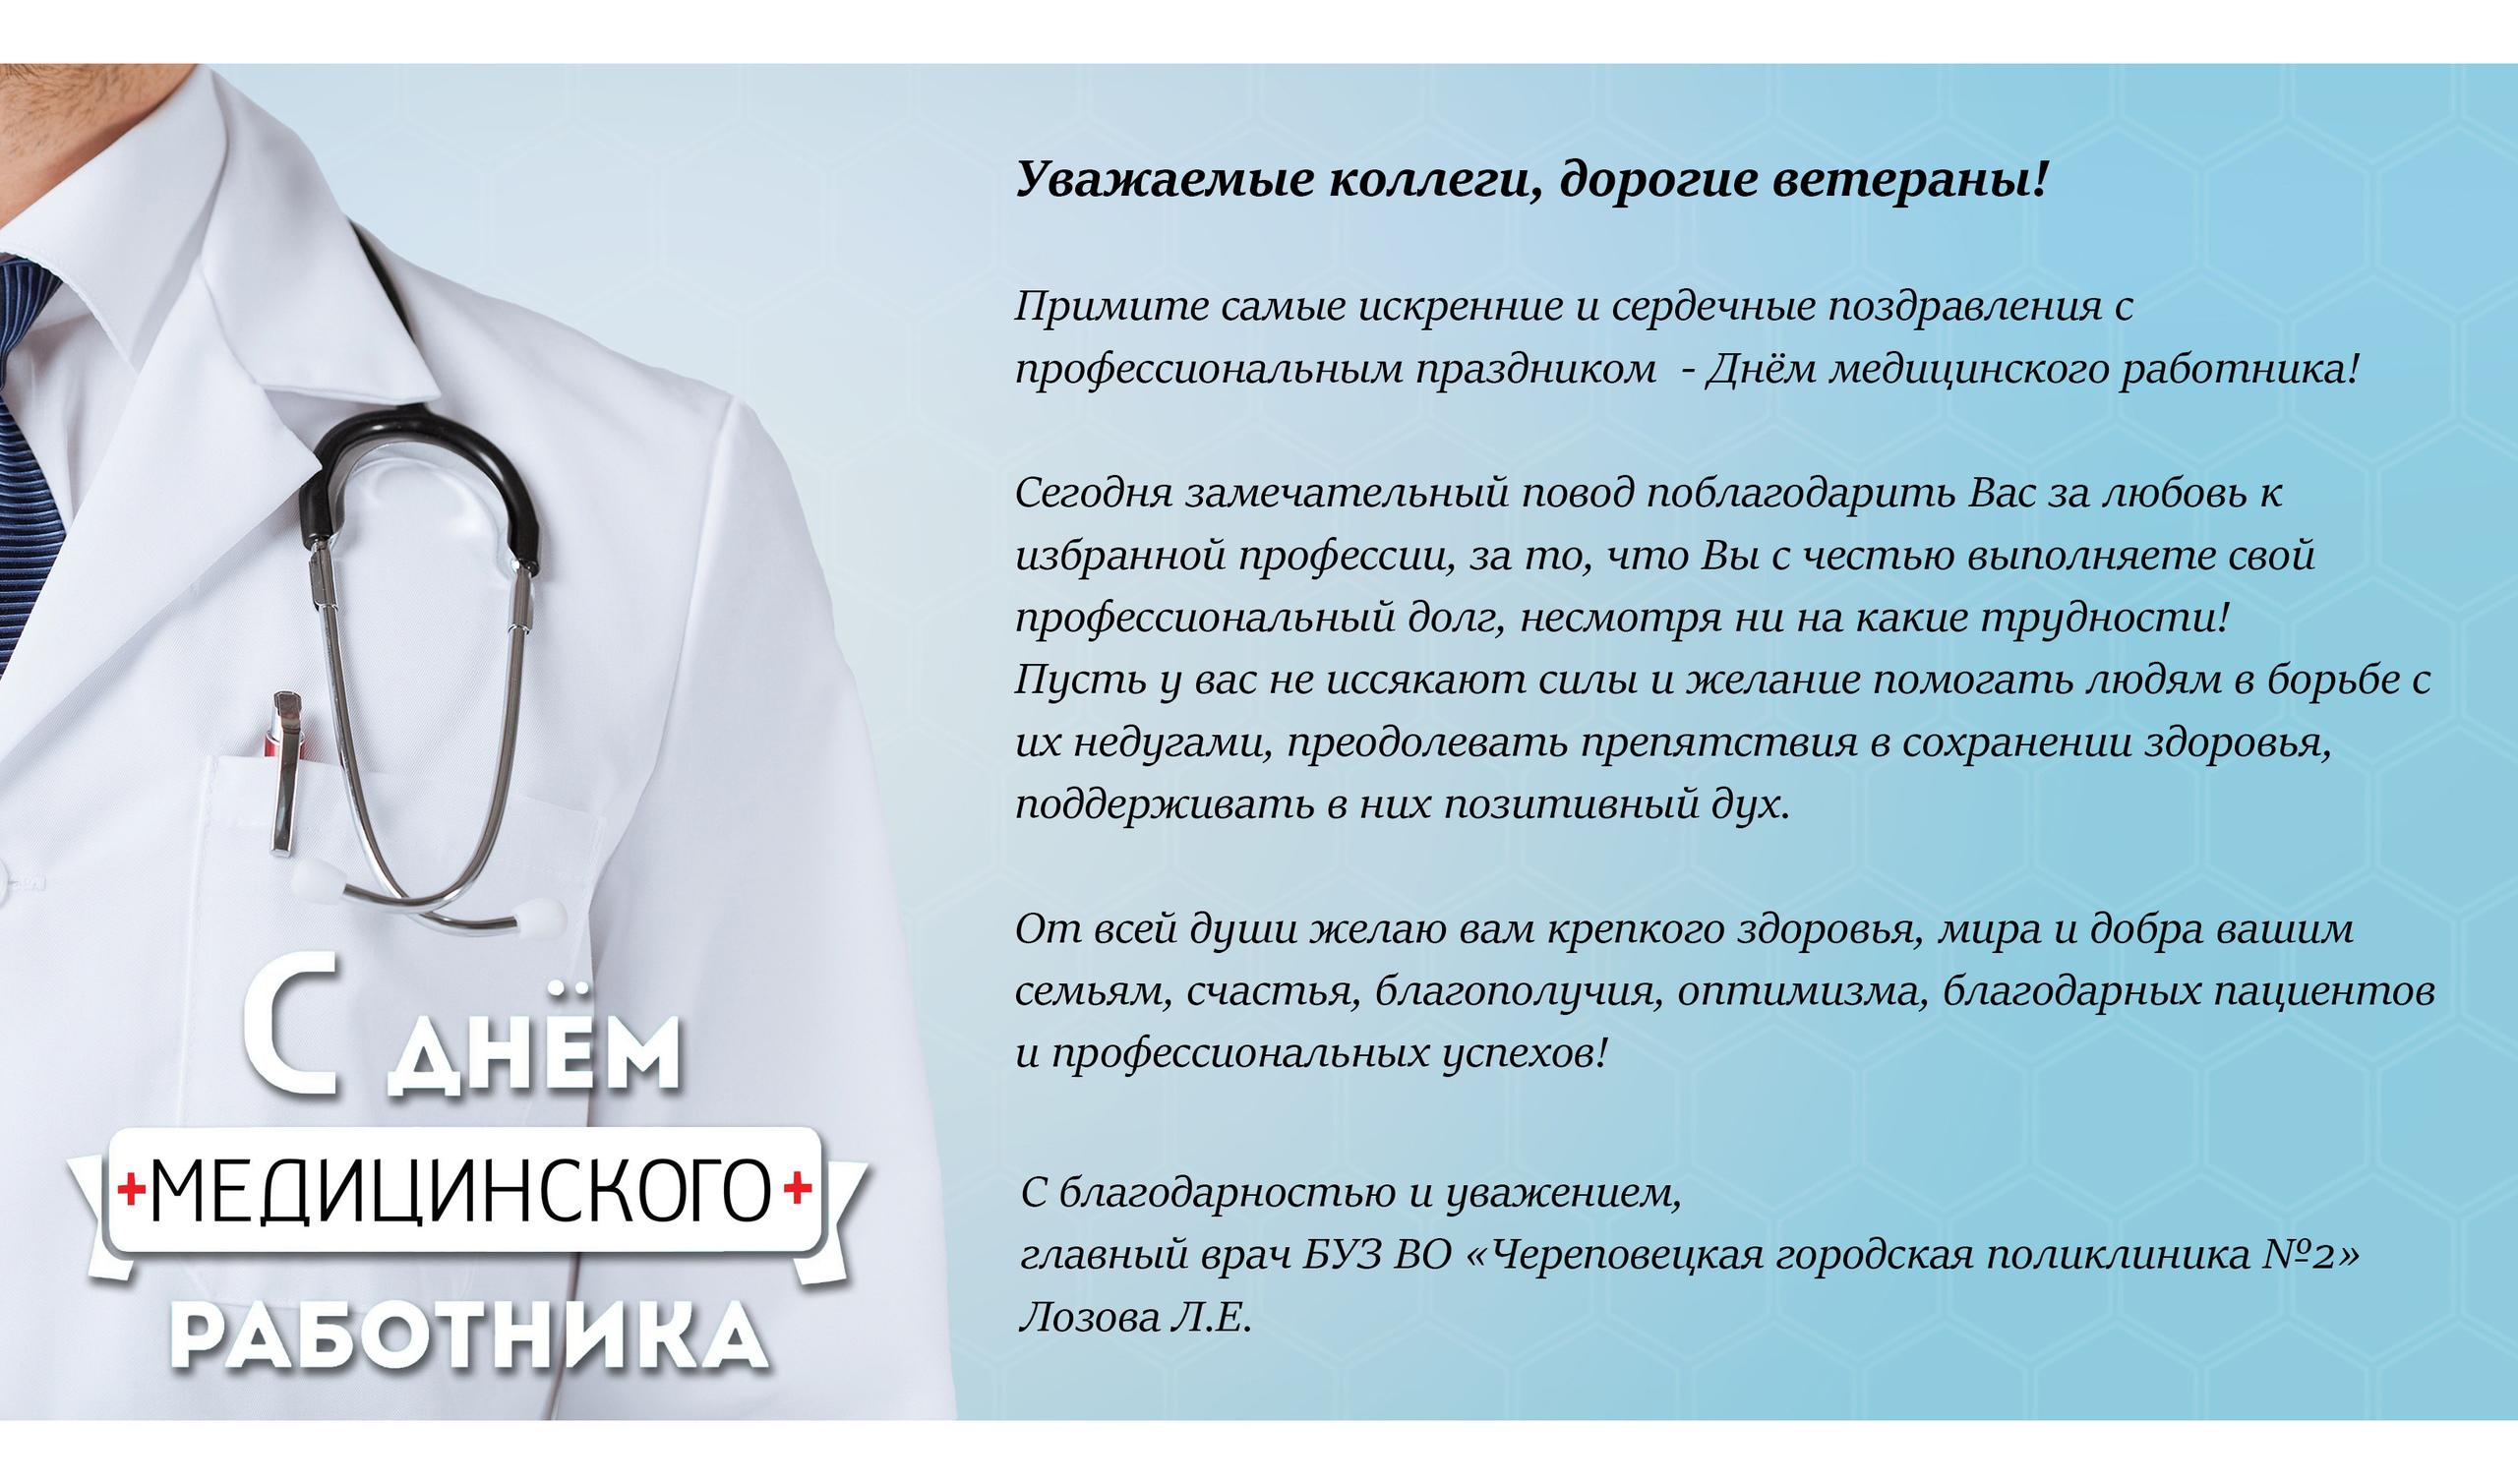 Поздравления от президента с днем медицинского работника